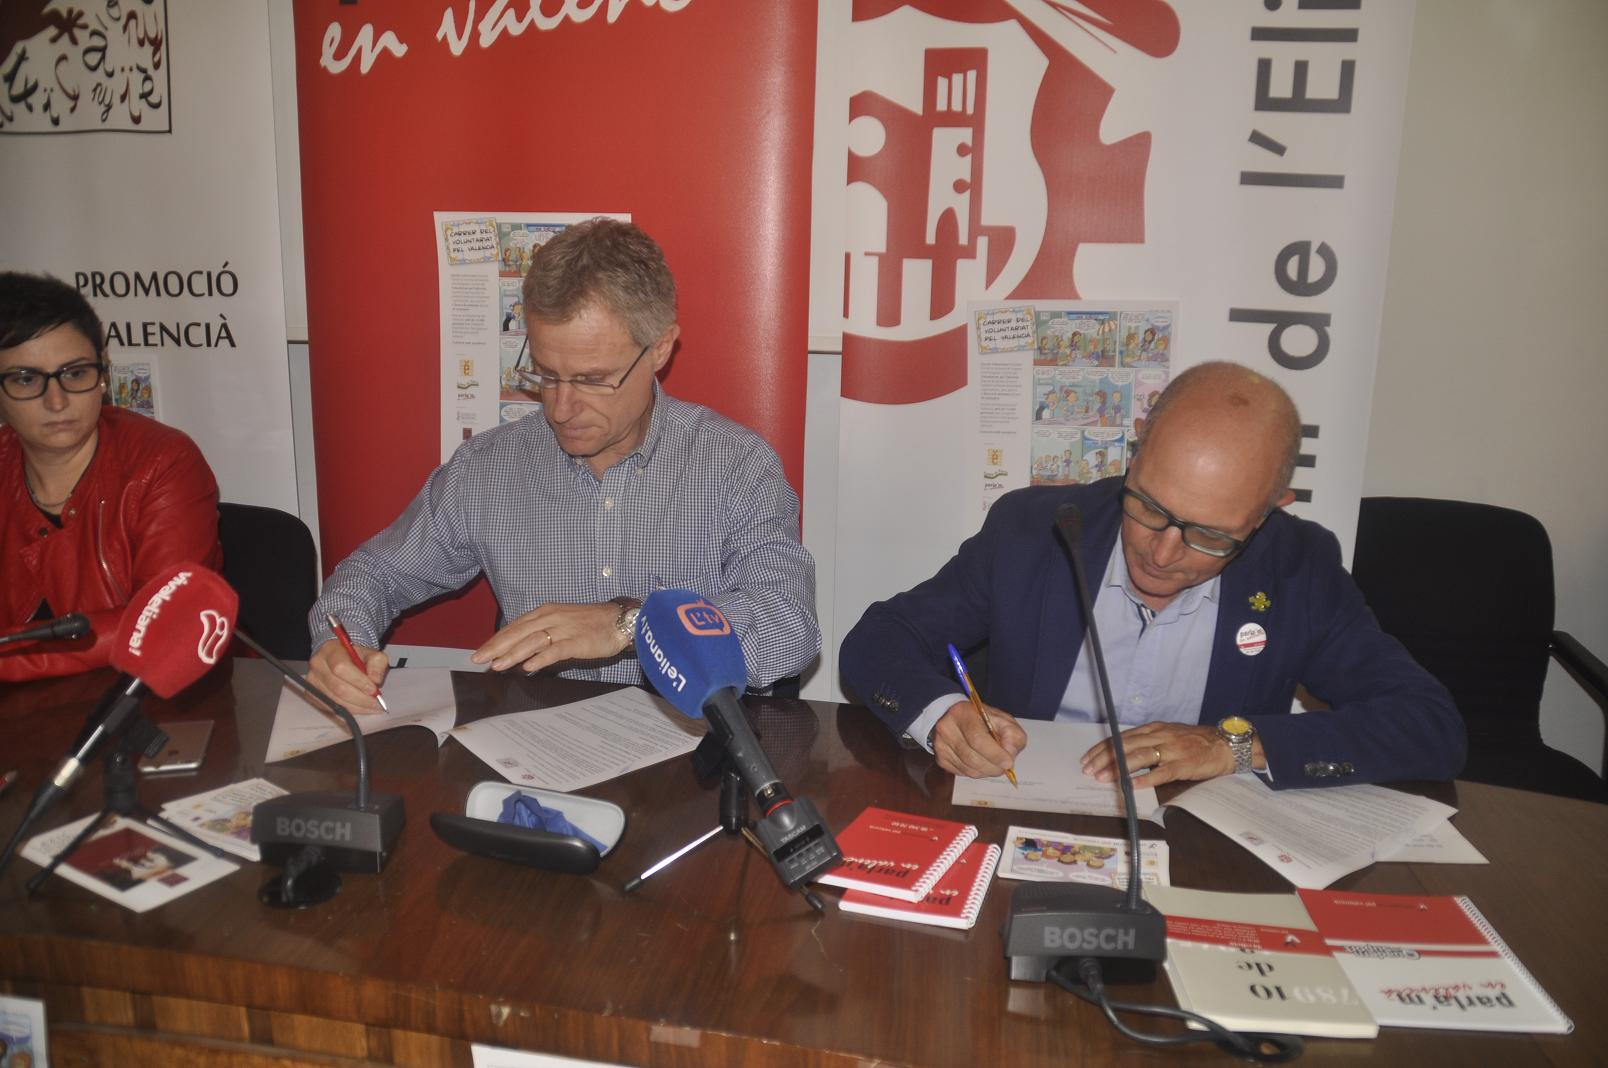 En la signatura van estar presents l'alcalde de la localitat, Salva Torrent, i el president de Escola Valenciana, Vicent Moreno.